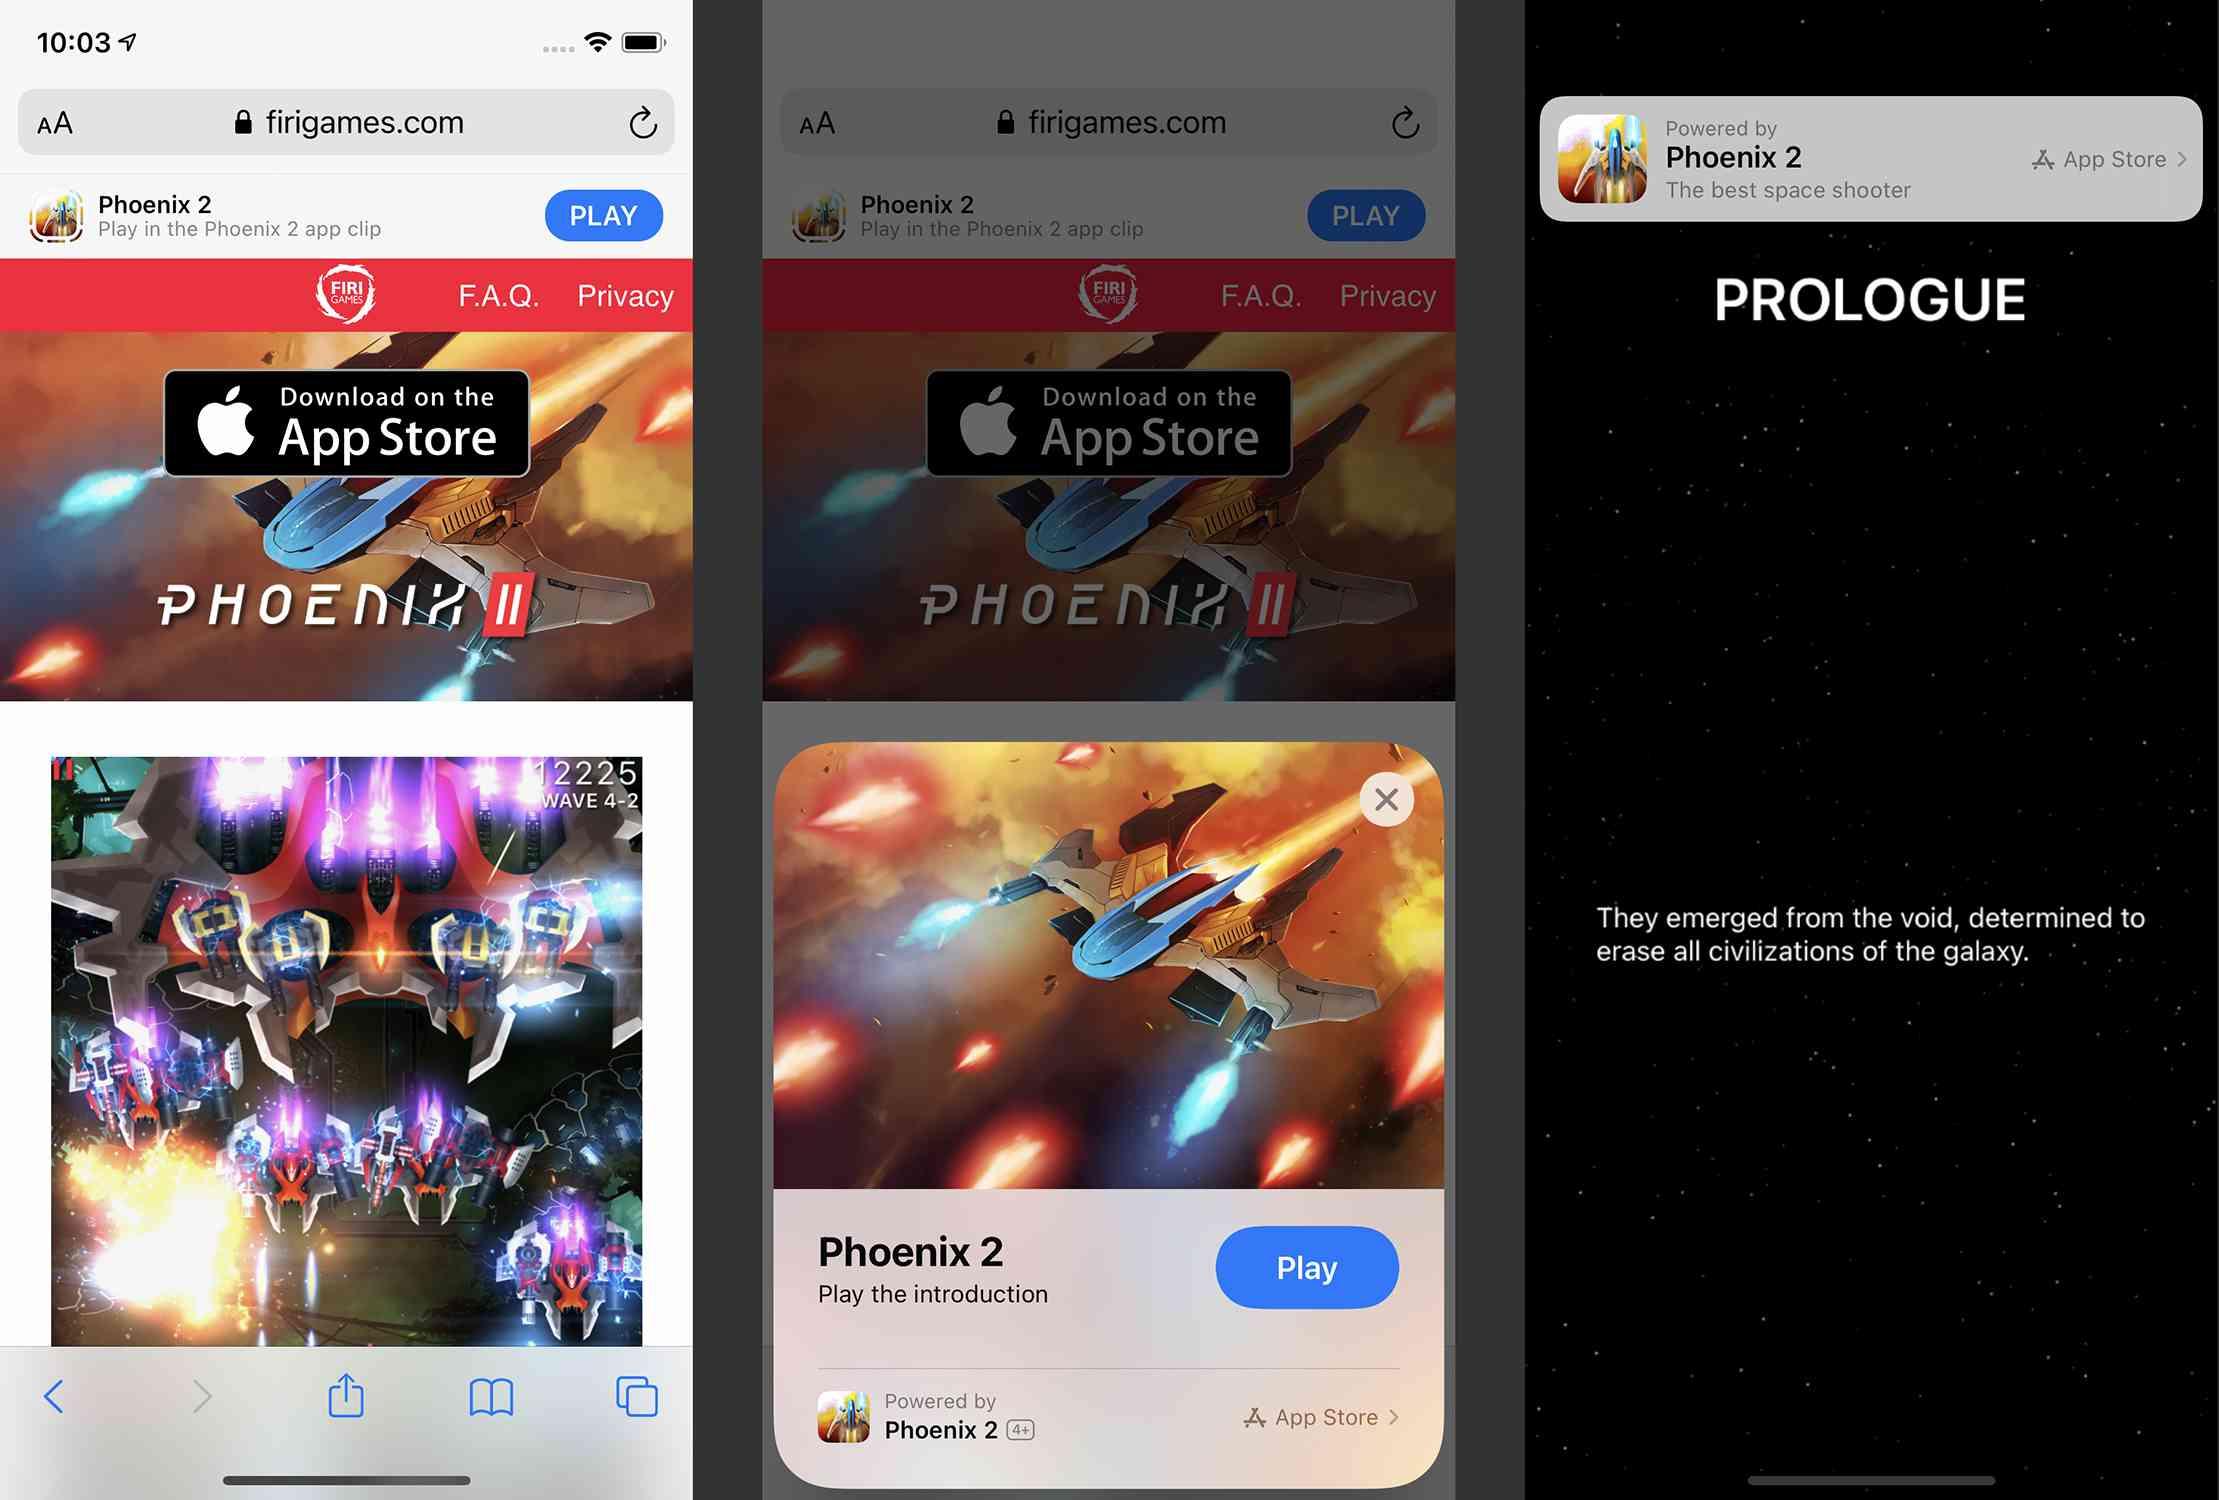 Screenshots of using an App Clip on an iPhone